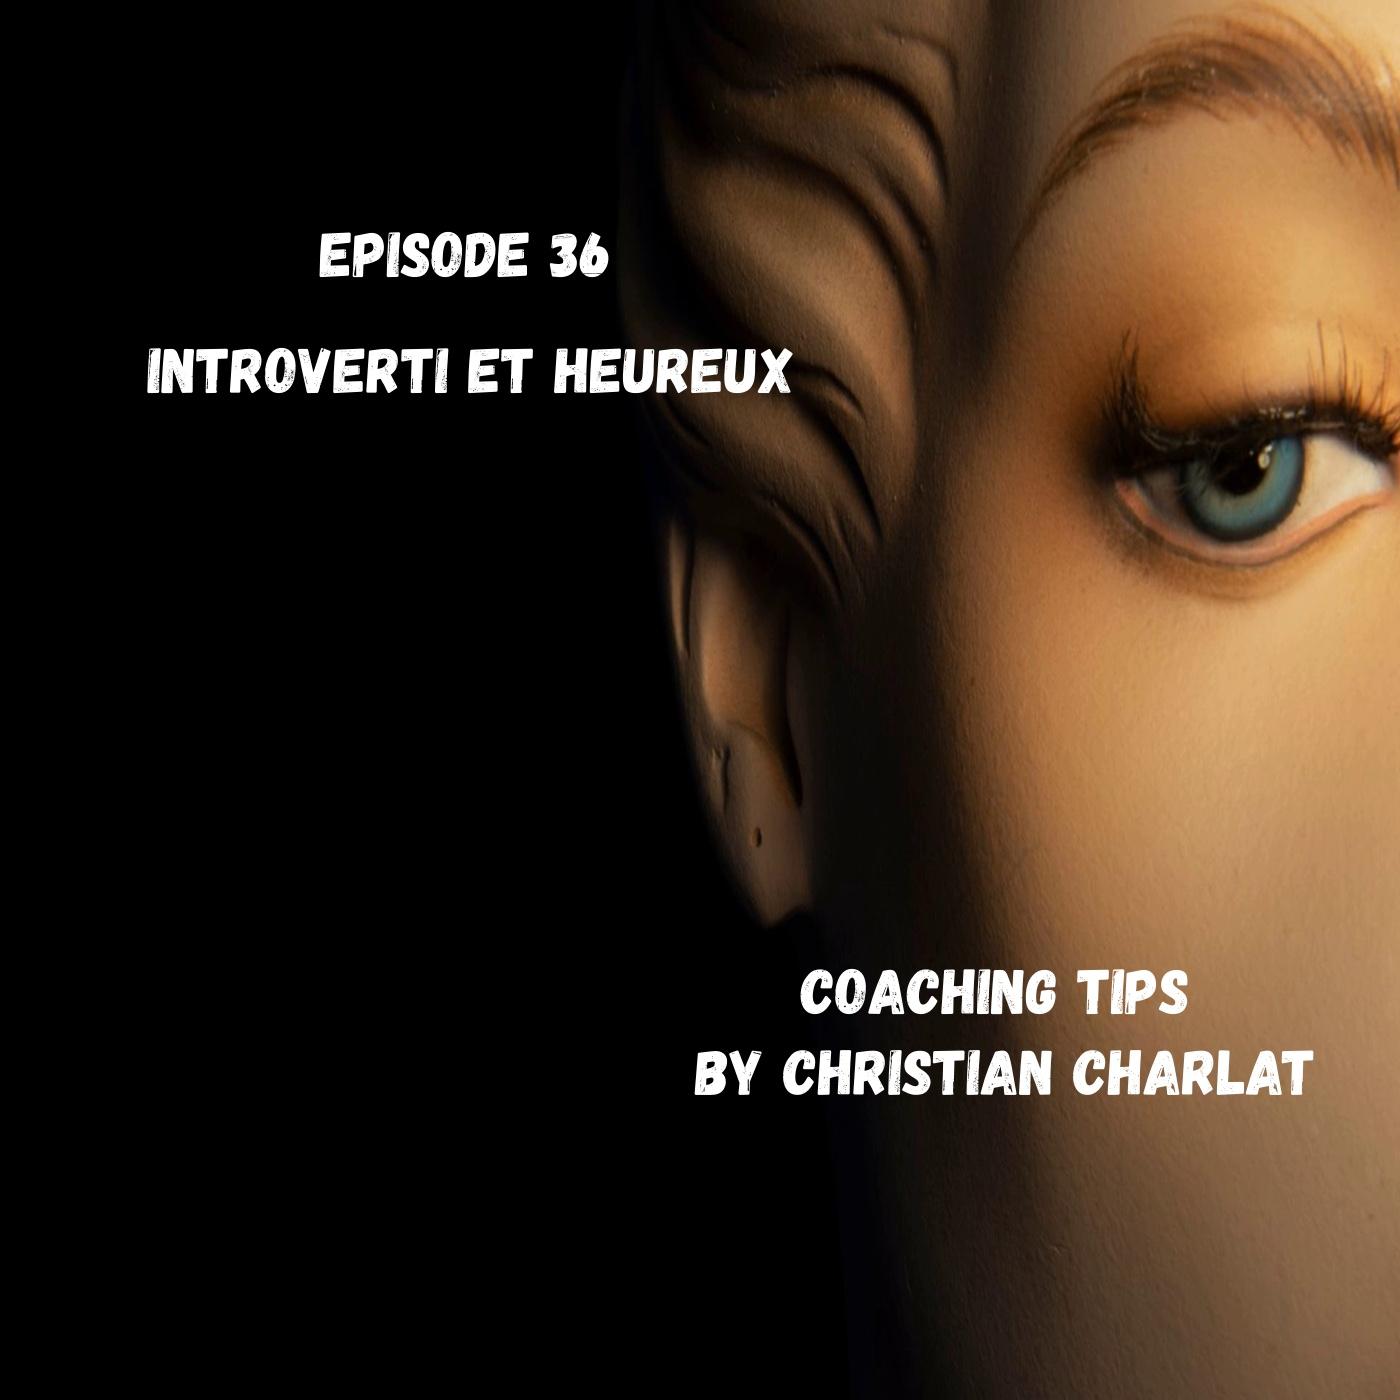 Episode 36 Introverti(e) et heureux